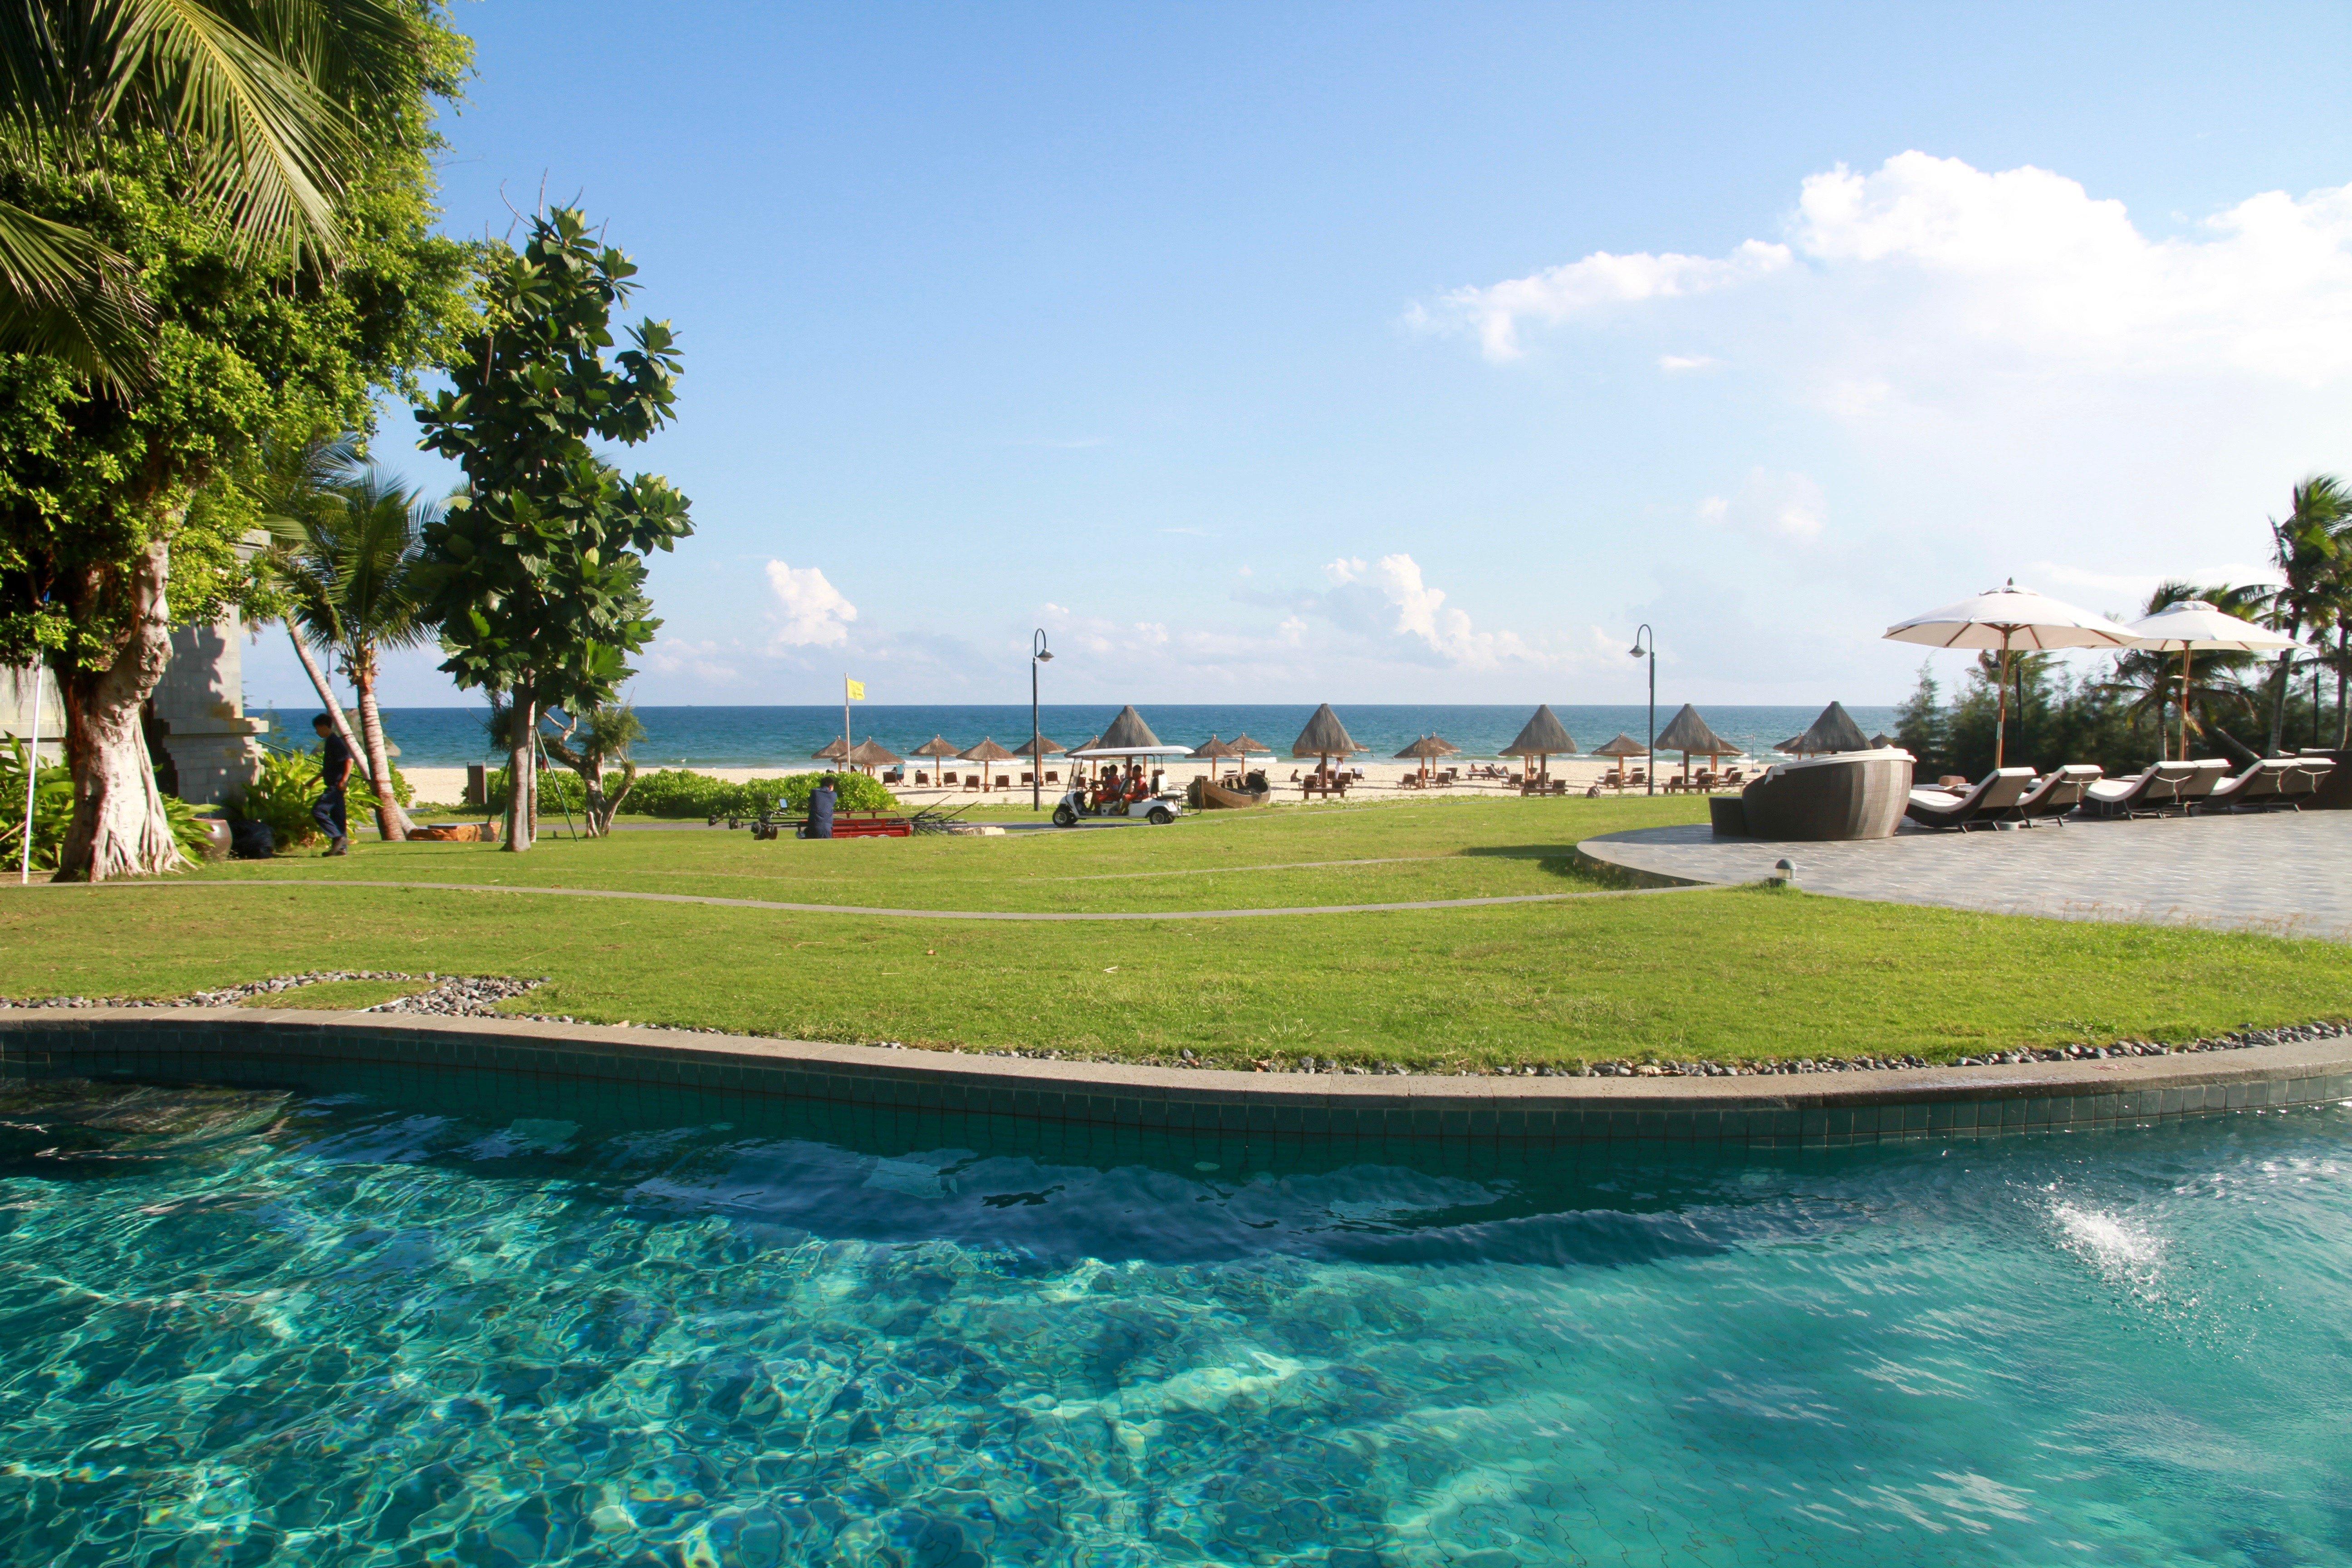 【澜海居】 先来说说酒店的房型吧,酒店的房间坐落于巴厘岛翼(东翼)和海南岛翼(西翼)两翼,两边的房型和内部结构基本上是一样的。酒店另外还有独栋的别墅区域。房间分为三个系列,由差到好依次是: 居系列:翠雅居-怡海居-清海居-天海居-汀畔居-澜海居 湾系列:丽景湾-揽海湾-清水湾 庭系列:逸景庭-澜景庭-御海庭 一层比一层贵,后面的比前面贵。庭系列都是独栋的别墅,而居系列属于面向大众的普通房型,按照面积和景观不同层层升级,但是令人乍舌的是这里最小的房型也有80平米,房间是相当地宽敞啊。 我们这次入住的是居系列